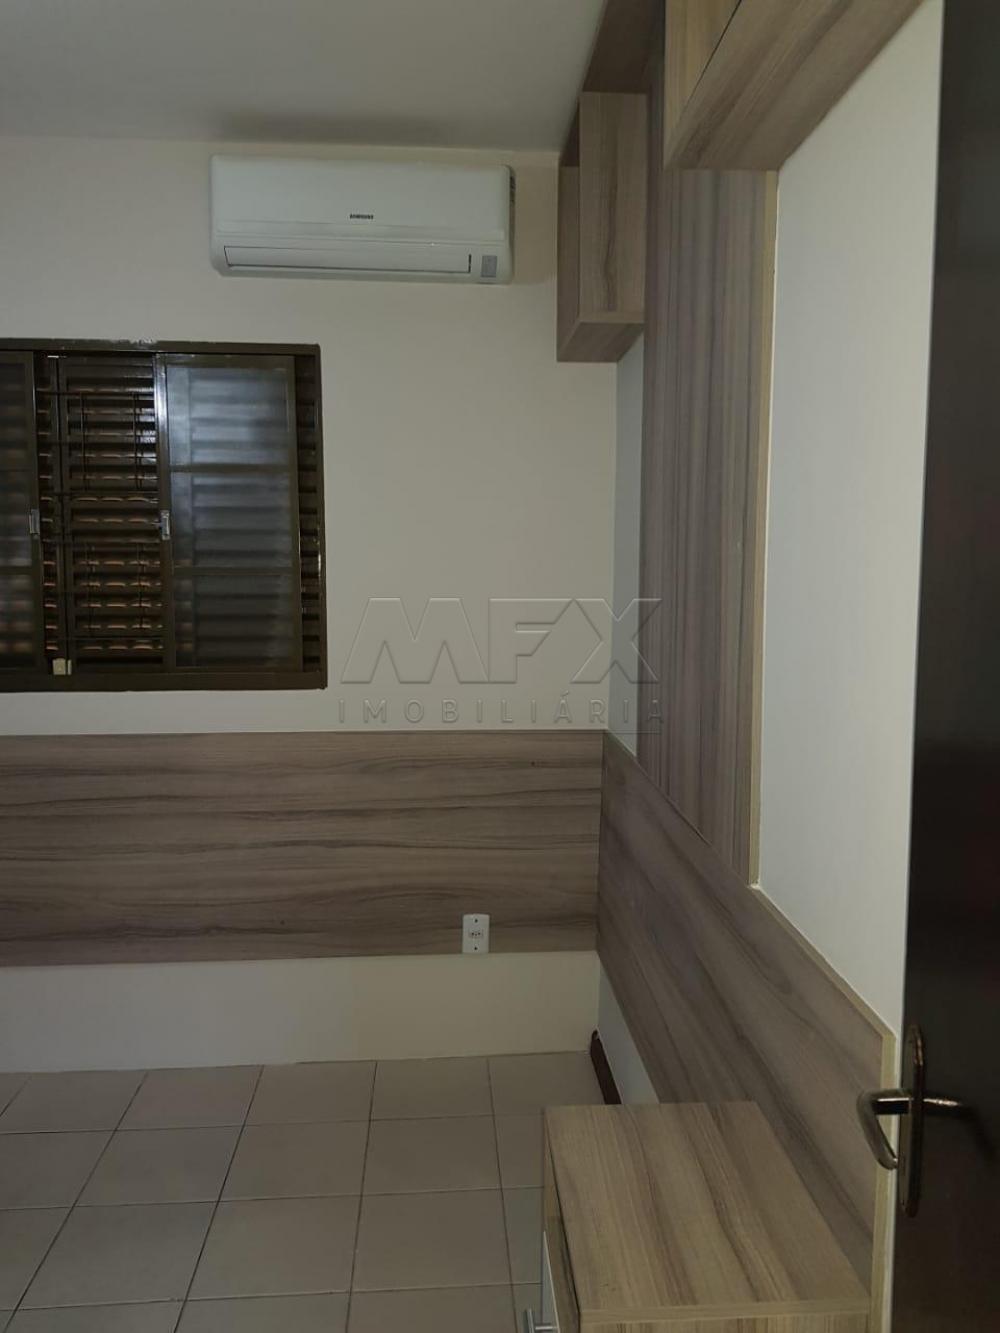 Comprar Casa / Padrão em Bauru apenas R$ 460.000,00 - Foto 9